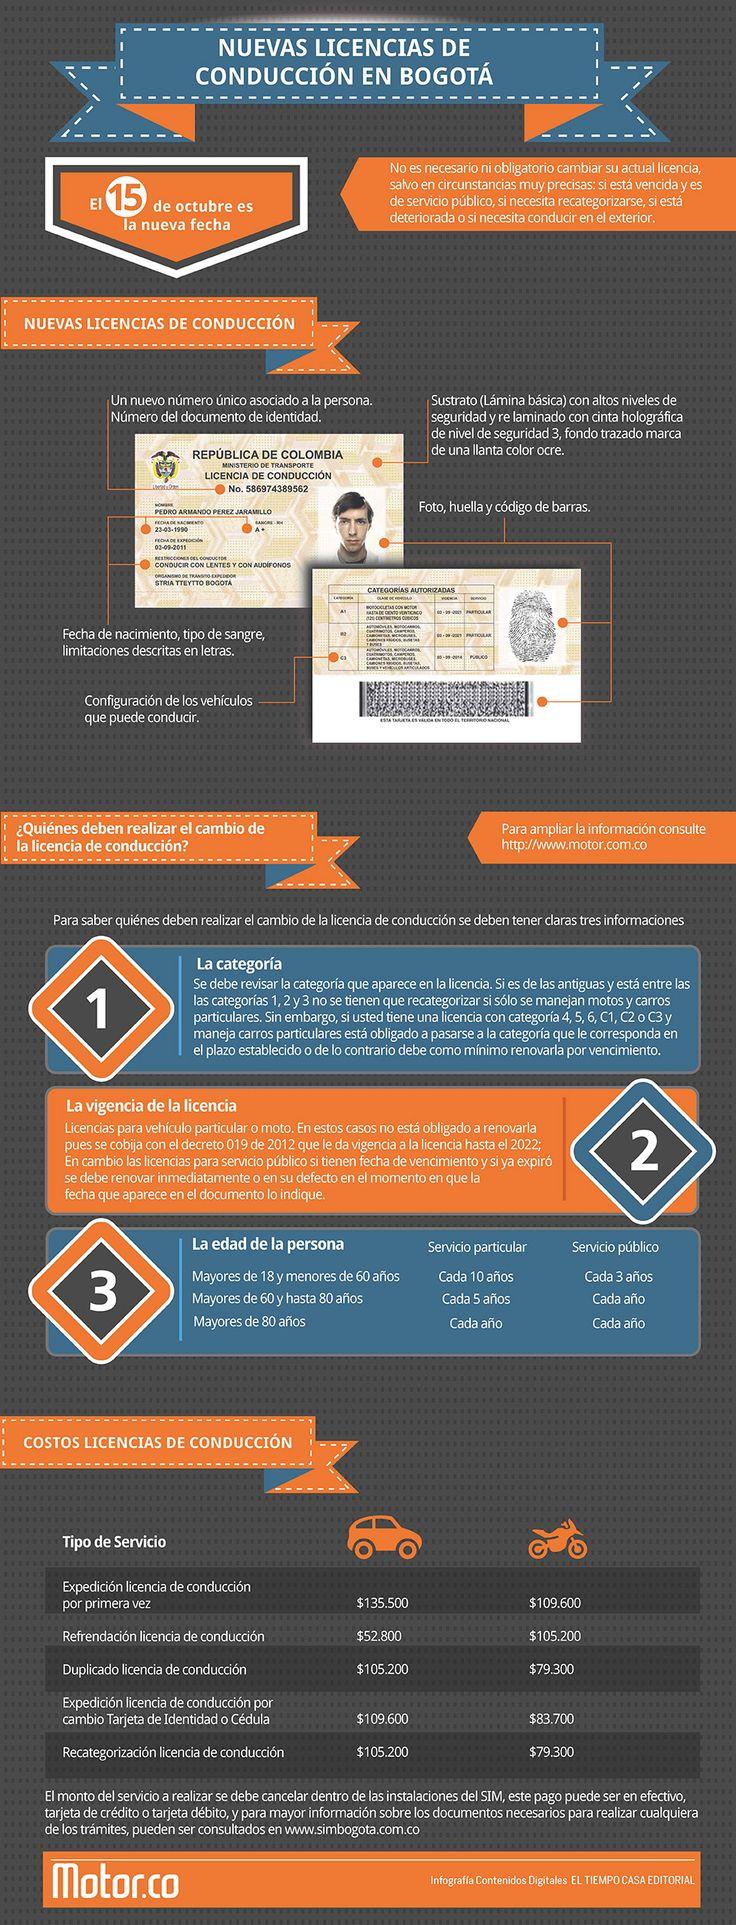 Noticias de Vehículos: Lanzamientos y Precios de la Revista Motor - Motor.com.co - ELTIEMPO.COM